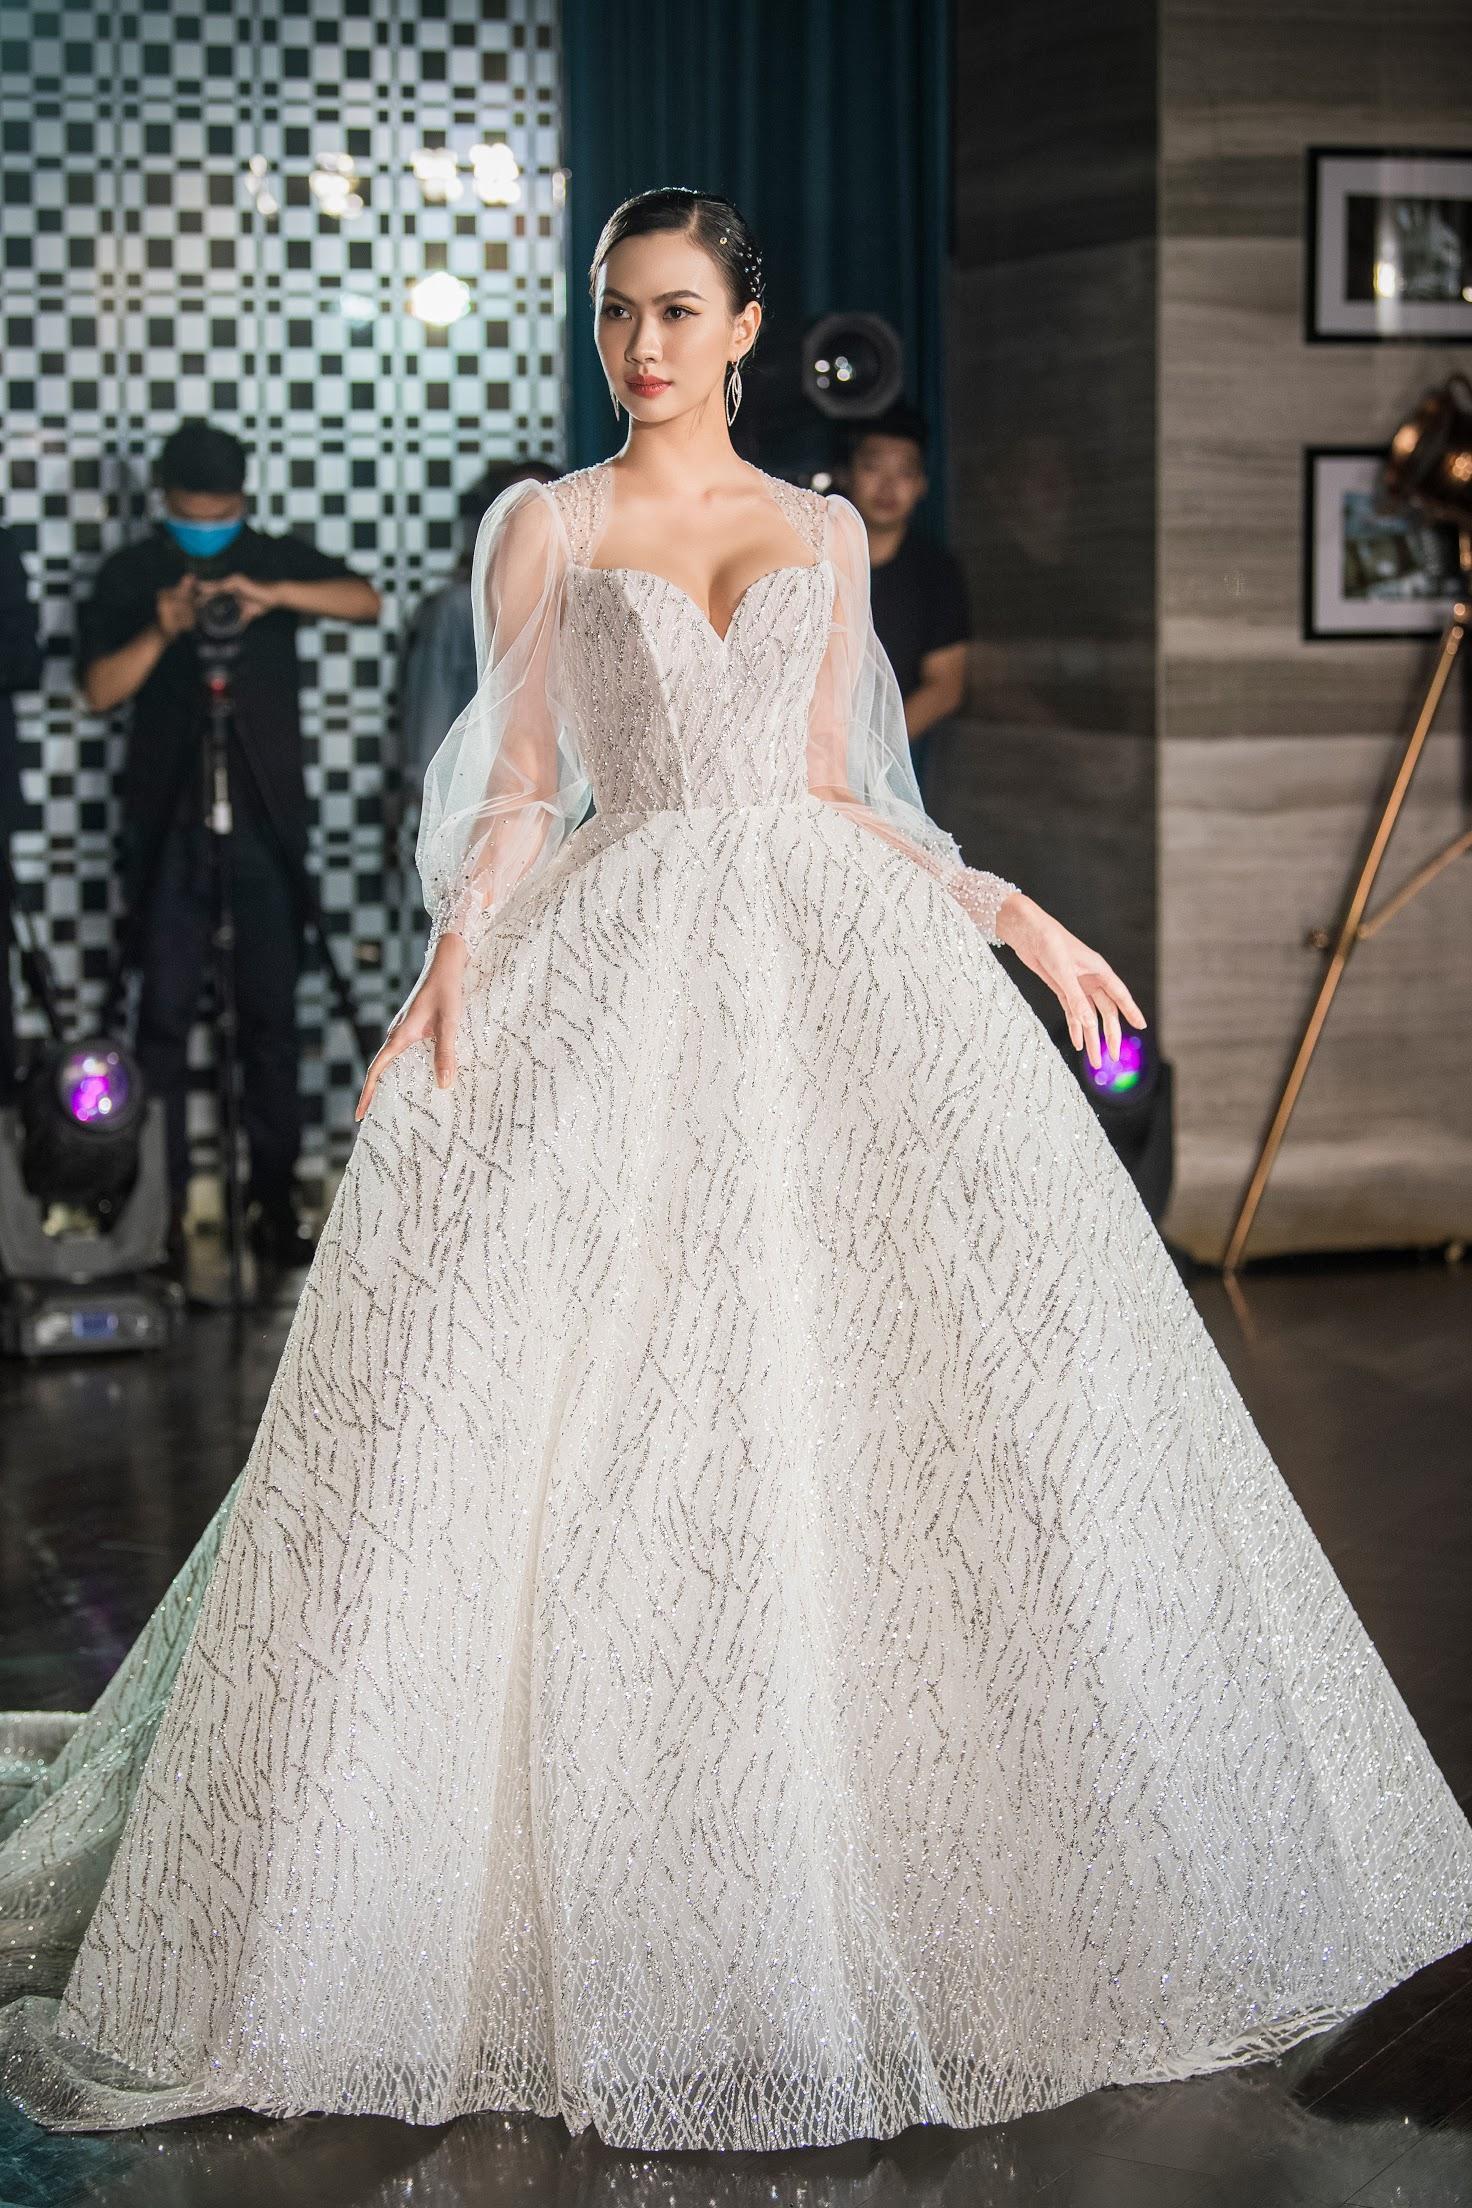 Lecia Bridal ra mắt dòng váy Luxury đính hàng trăm ngàn viên pha lê Swarovski - Ảnh 10.